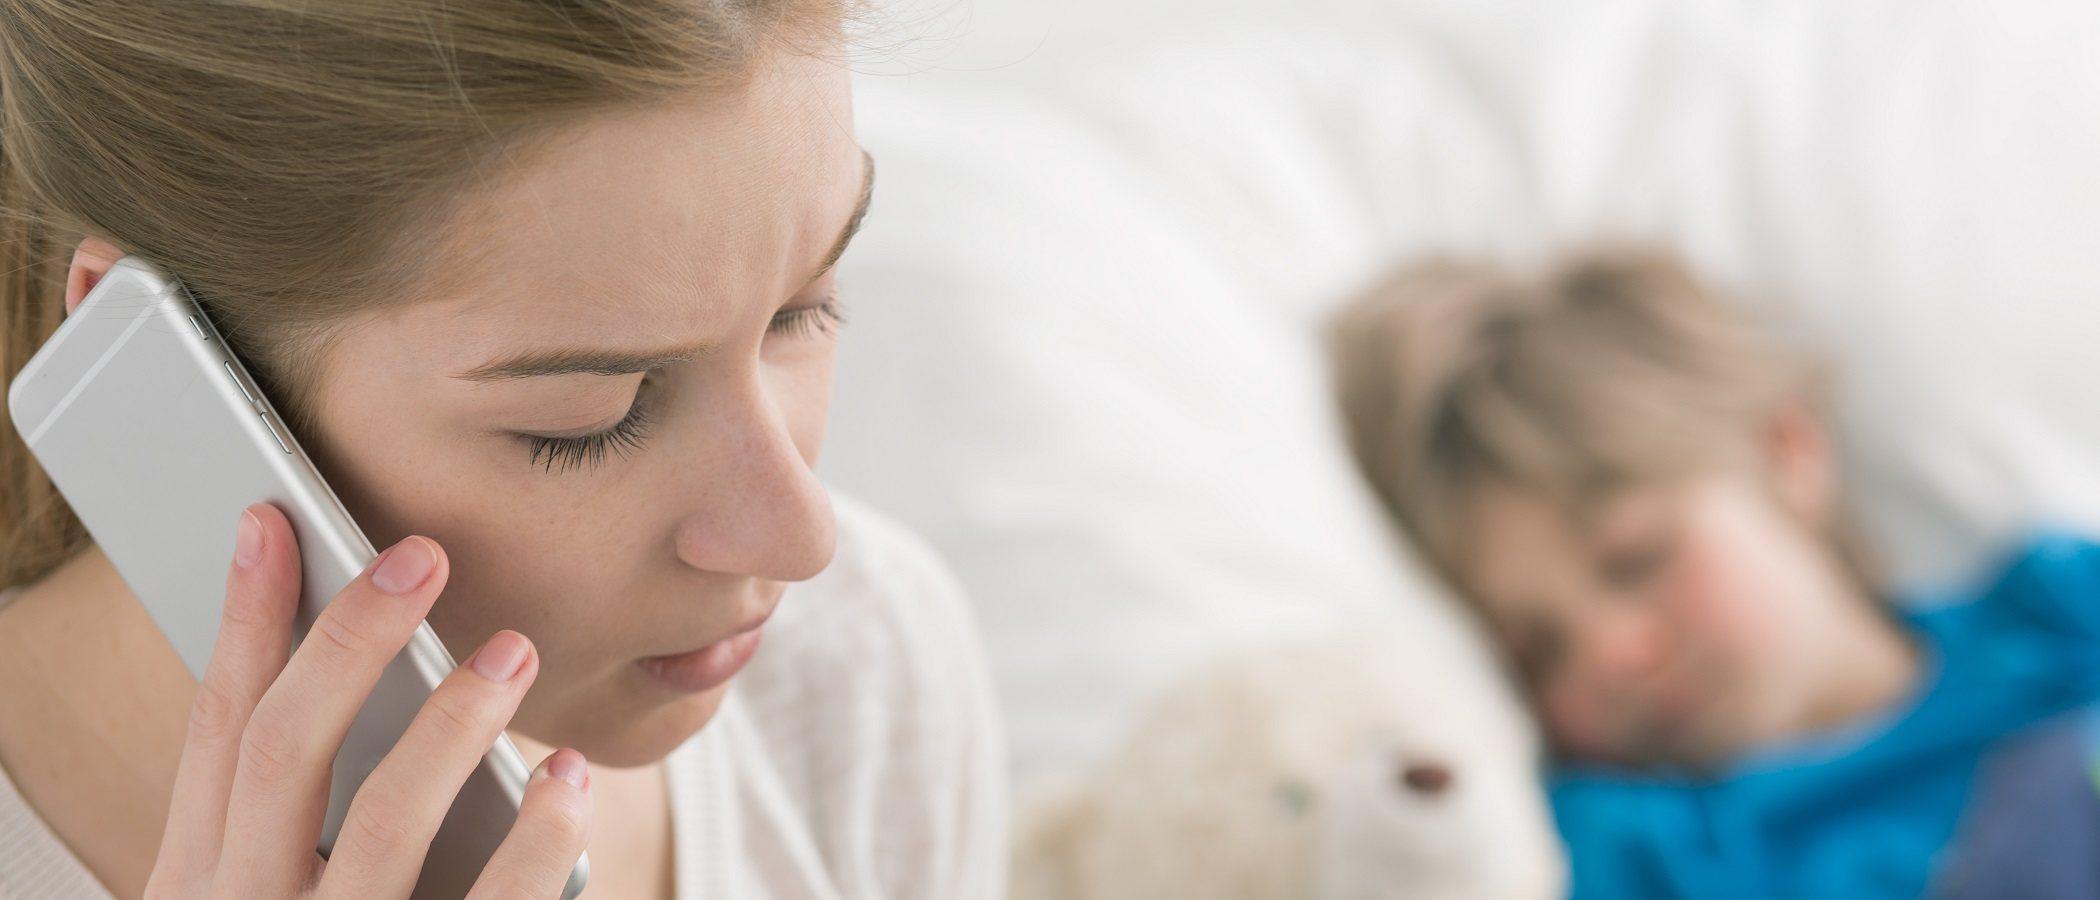 Cómo lidiar con las madres que acosan a otras madres